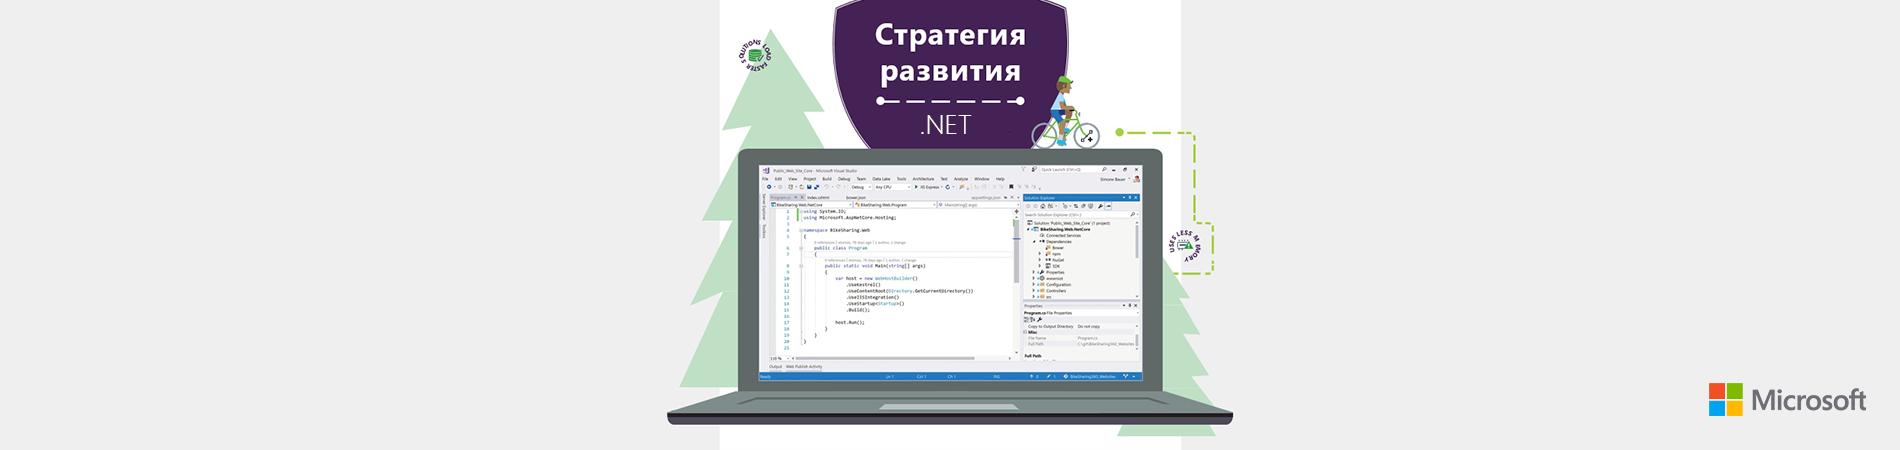 Стратегия развития языков программирования .NET